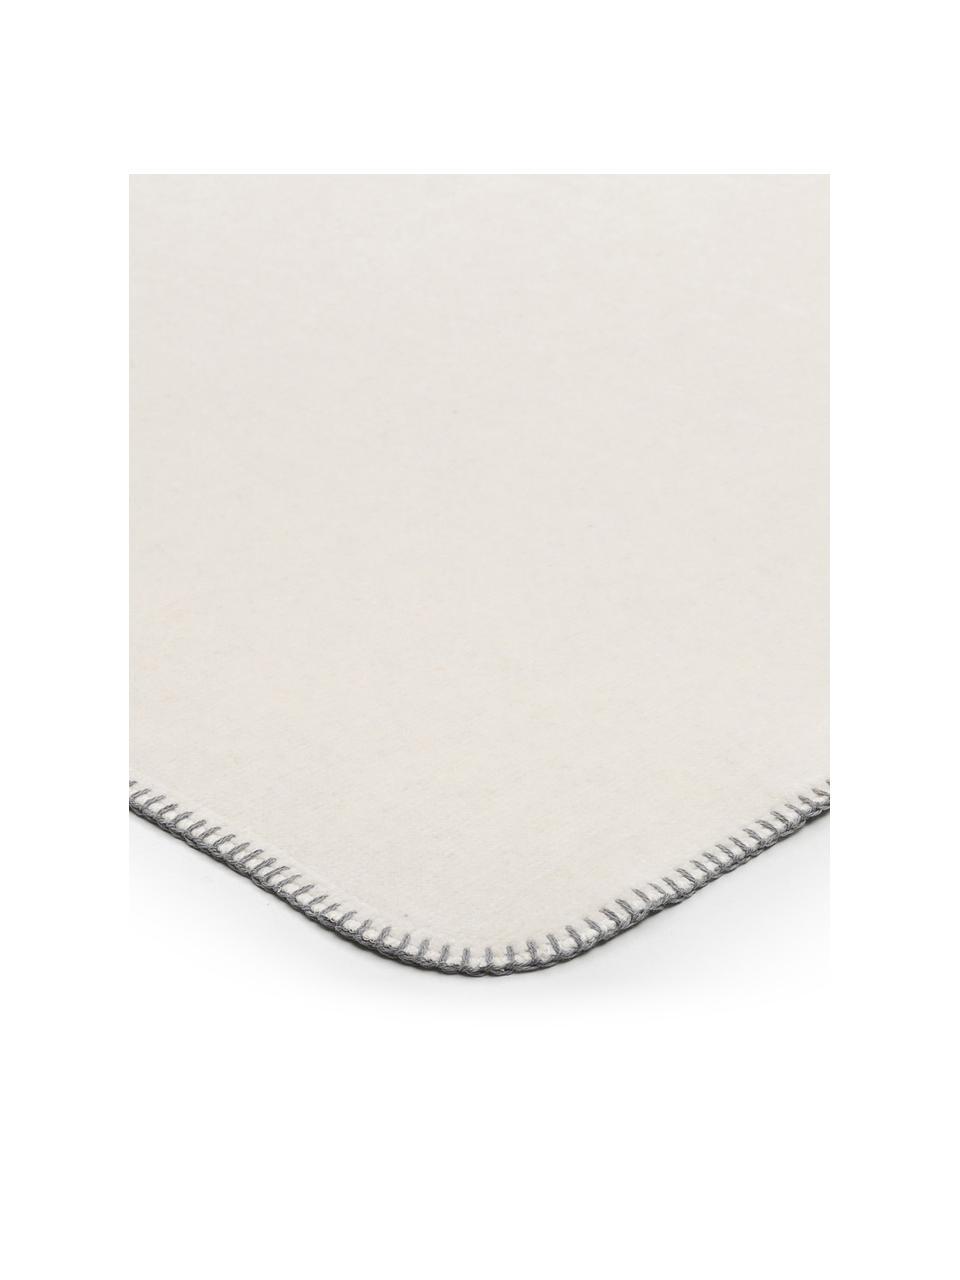 Weiche Fleecedecke Melange Doubleface in Offwhite/Grau, 58%Baumwolle, 35%Polyacryl, 7%Polyester, Offwhite, Grau, 150 x 200 cm